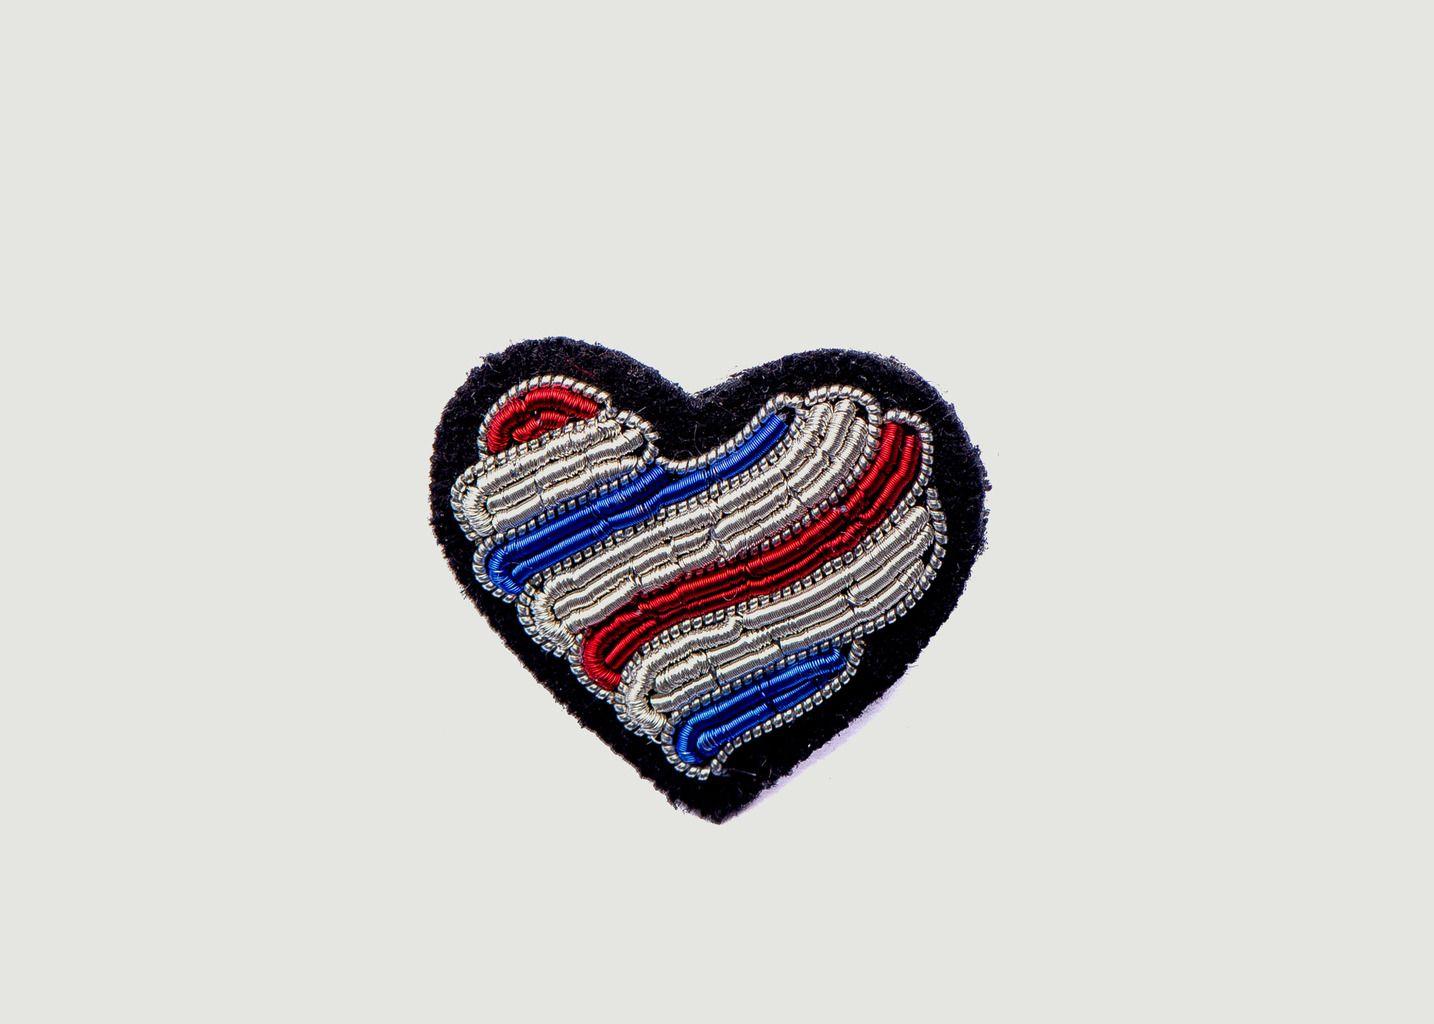 Broche Brodée Cœur Tricolore - Macon & Lesquoy